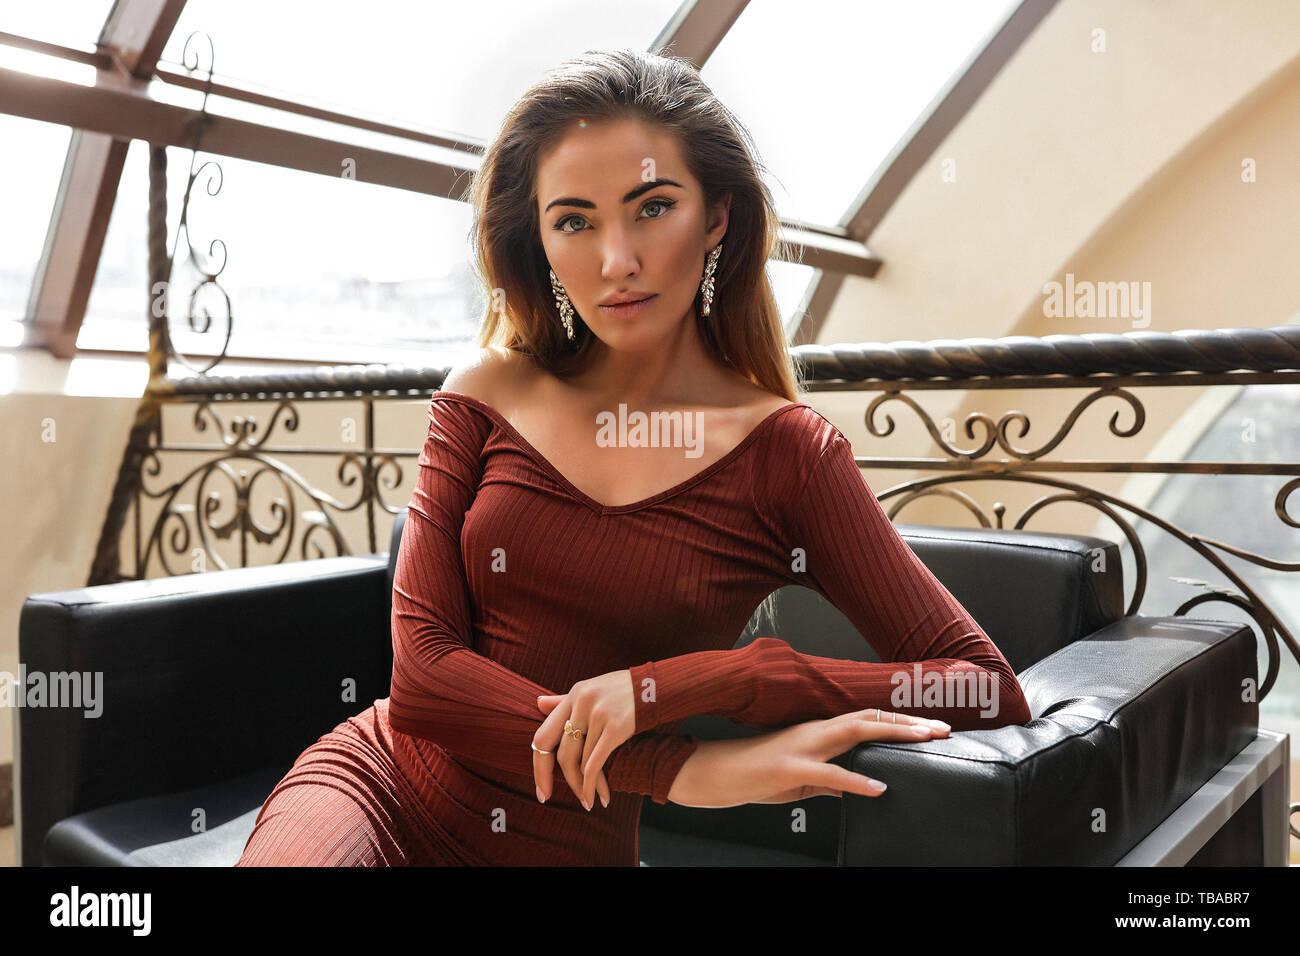 28276d128a Vestito Alla Moda Immagini & Vestito Alla Moda Fotos Stock - Alamy